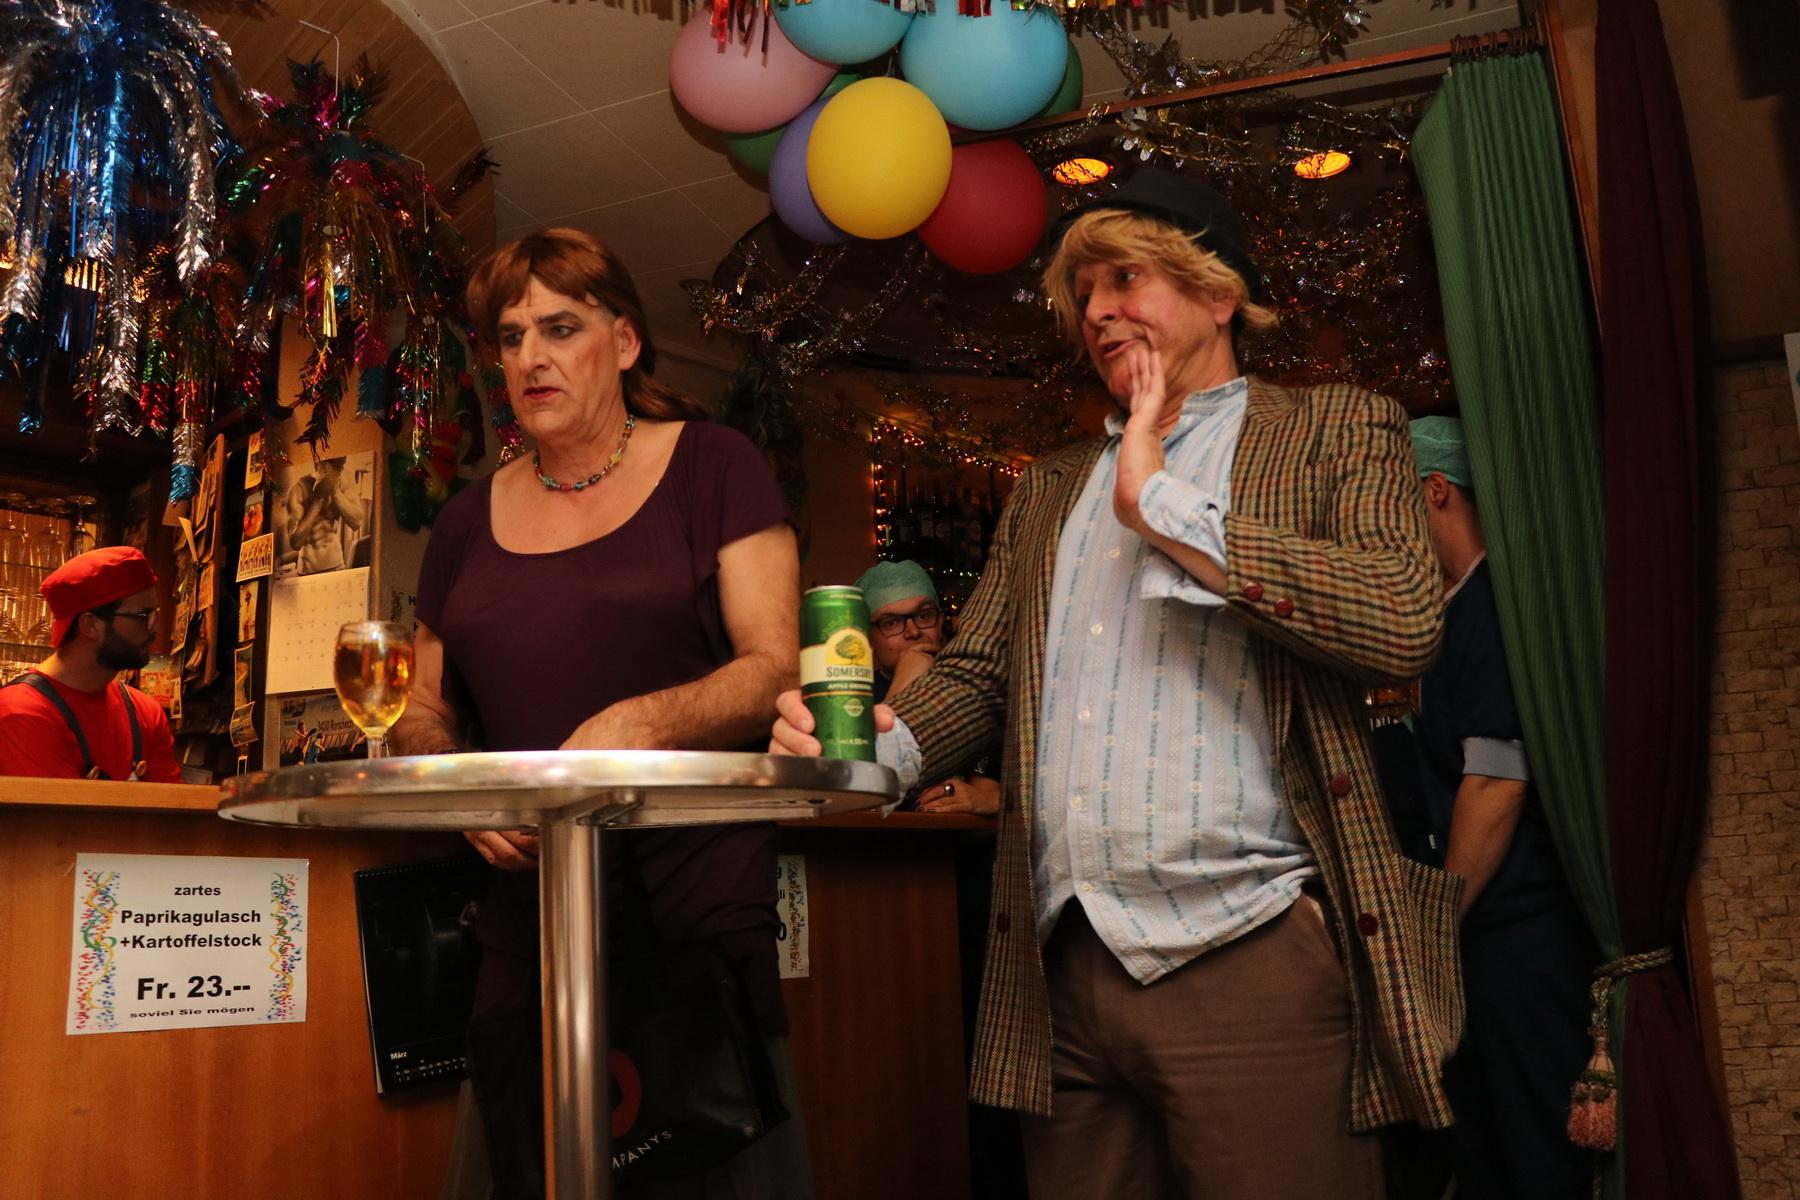 Mann sucht Frau Goldach | Locanto Casual Dating Goldach